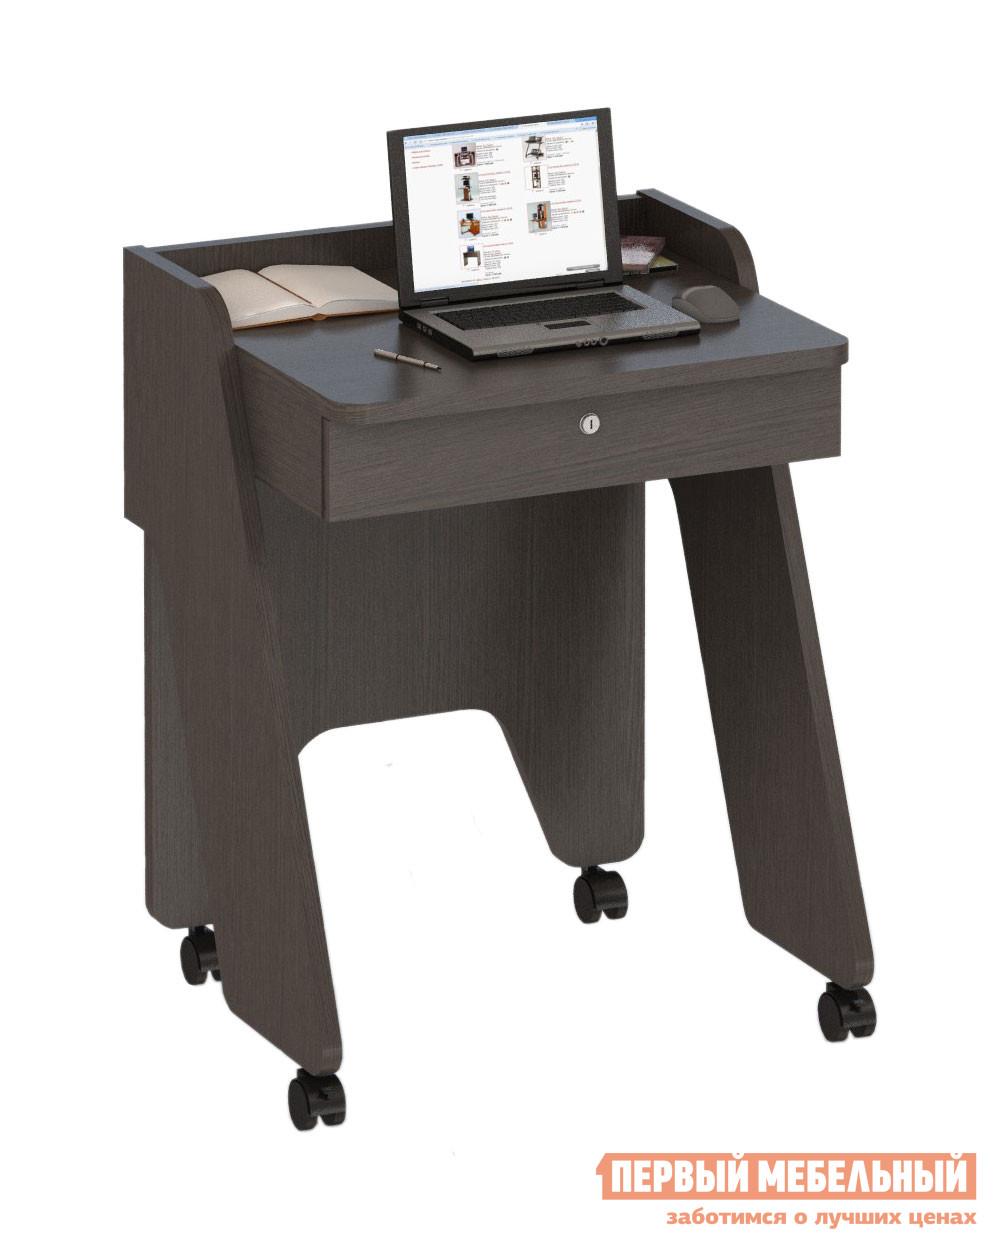 Компьютерный стол ВасКо КС 20-13 Венге